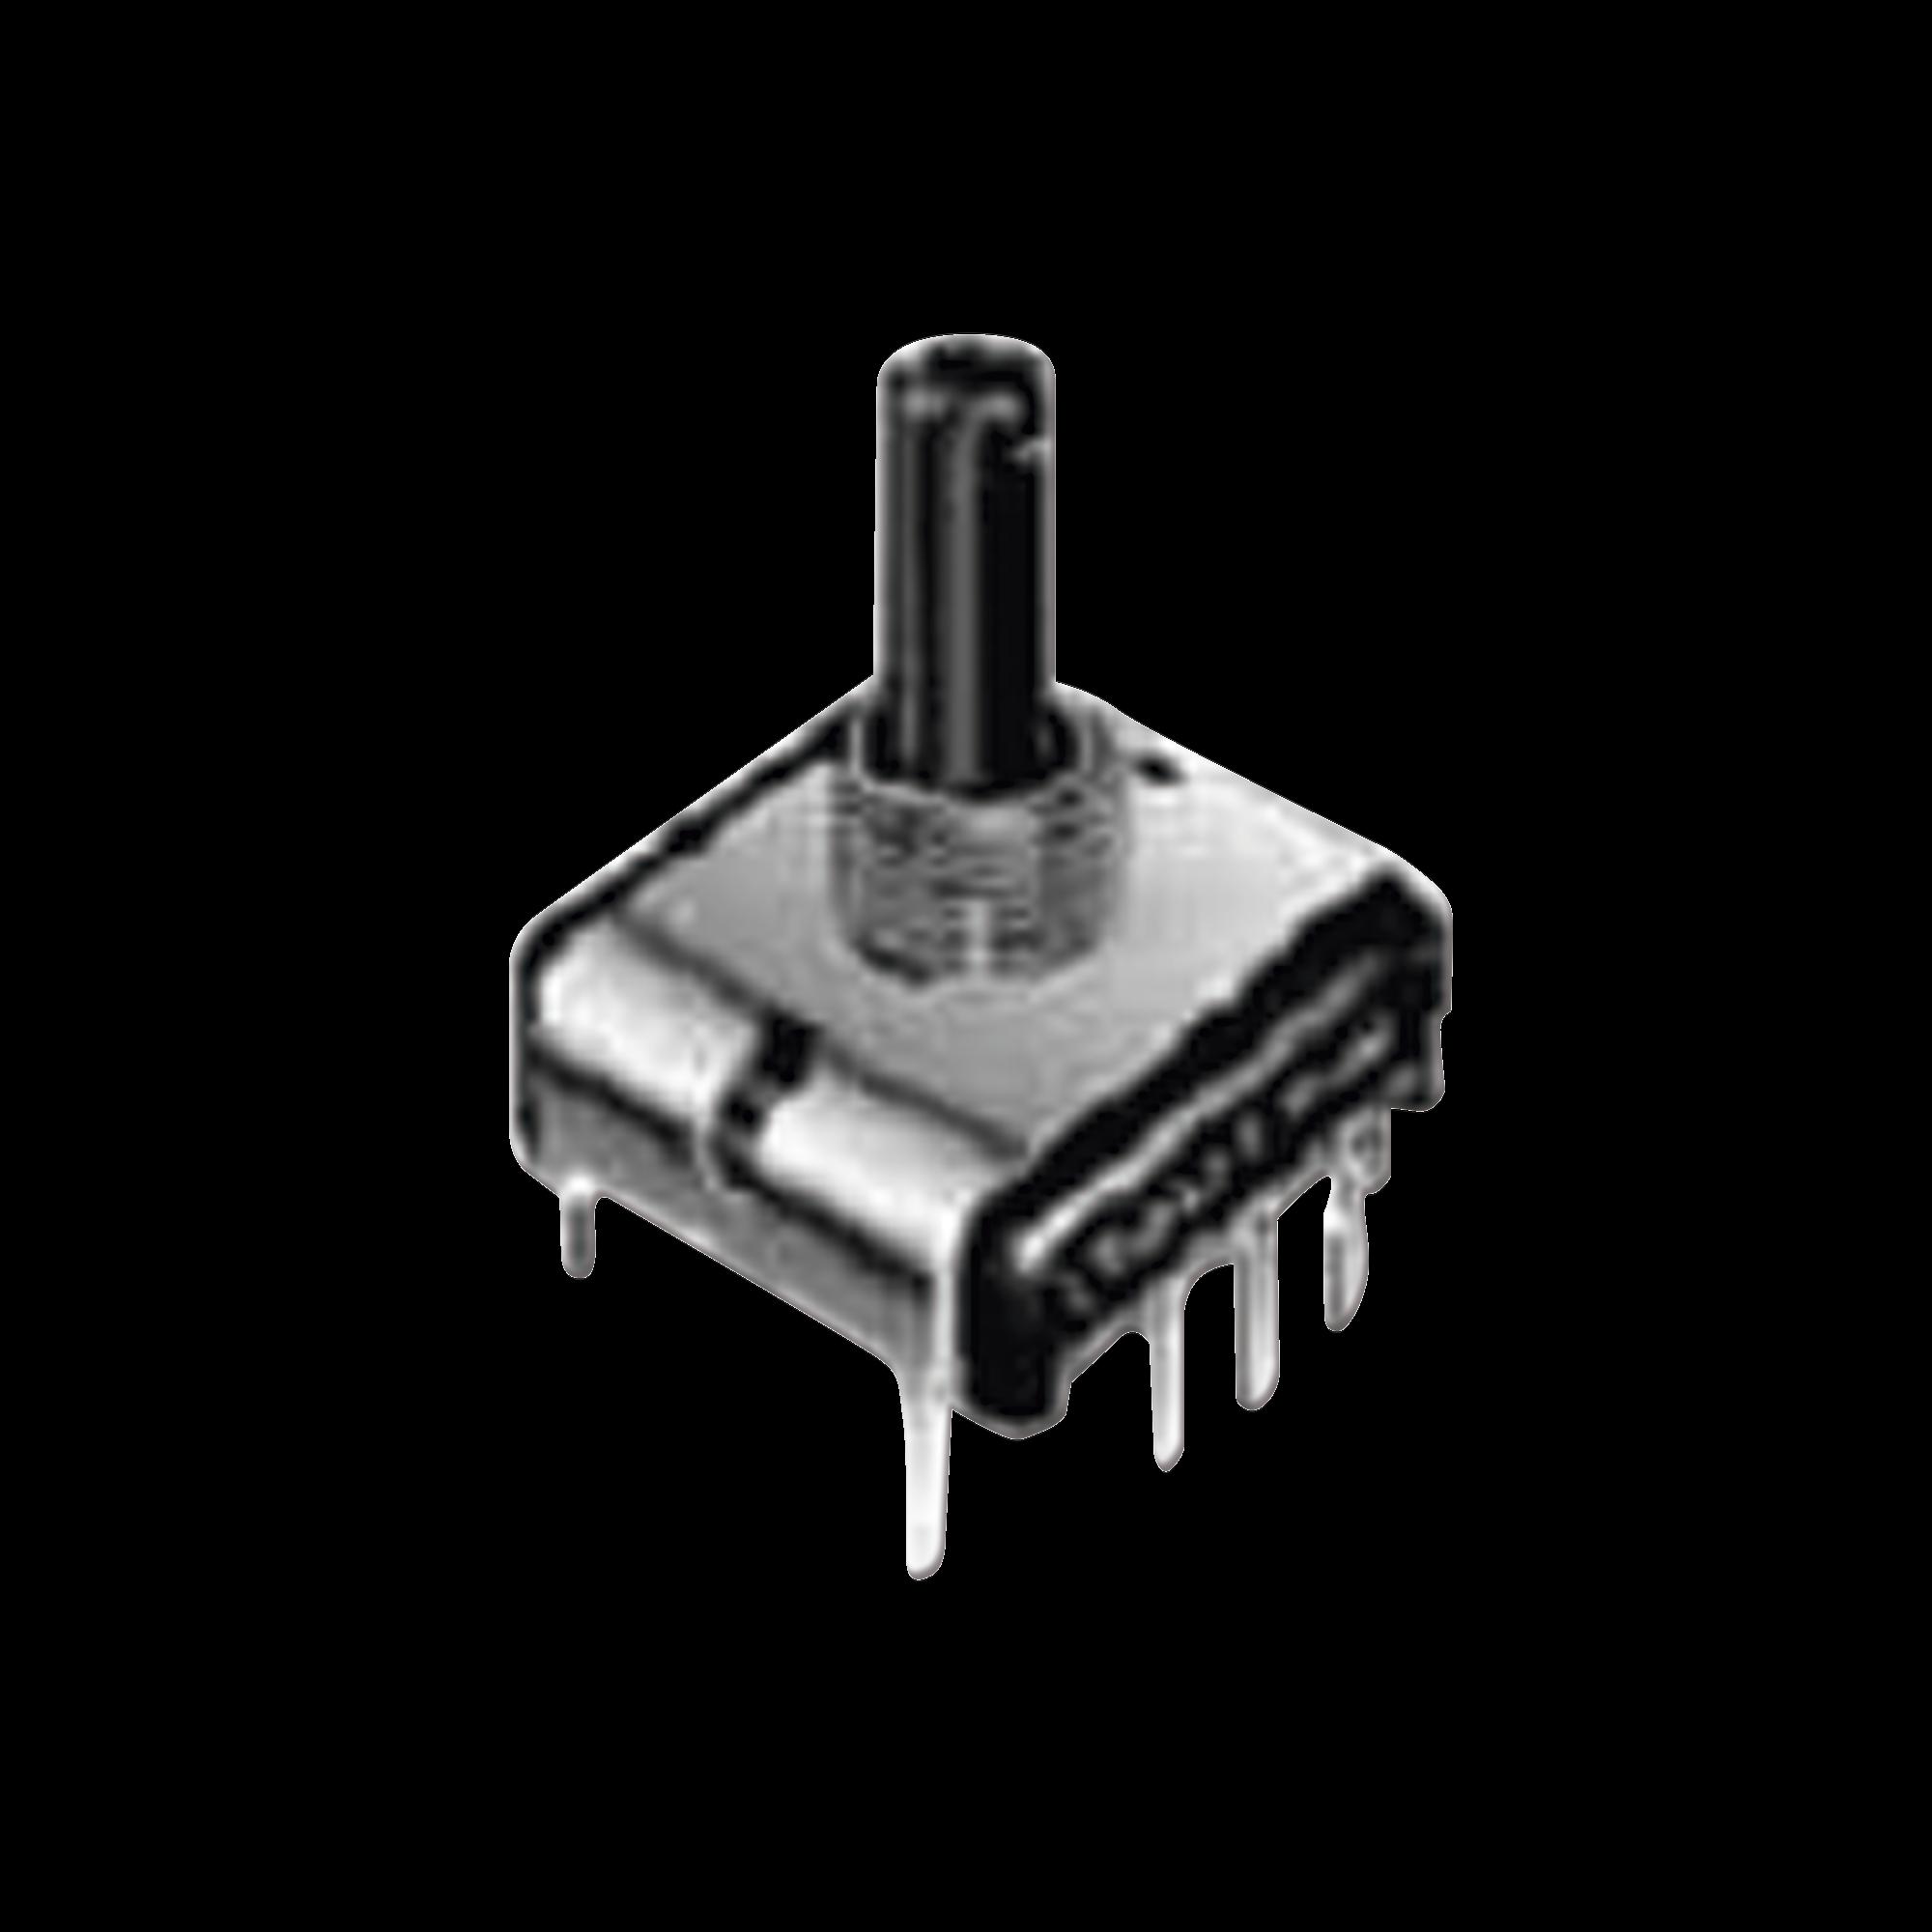 Potenciometro Cuadrado, 5 k Ohm, 0.75 Watt, para montaje en panel del Monitor de Servicio Ramsey COM-3.